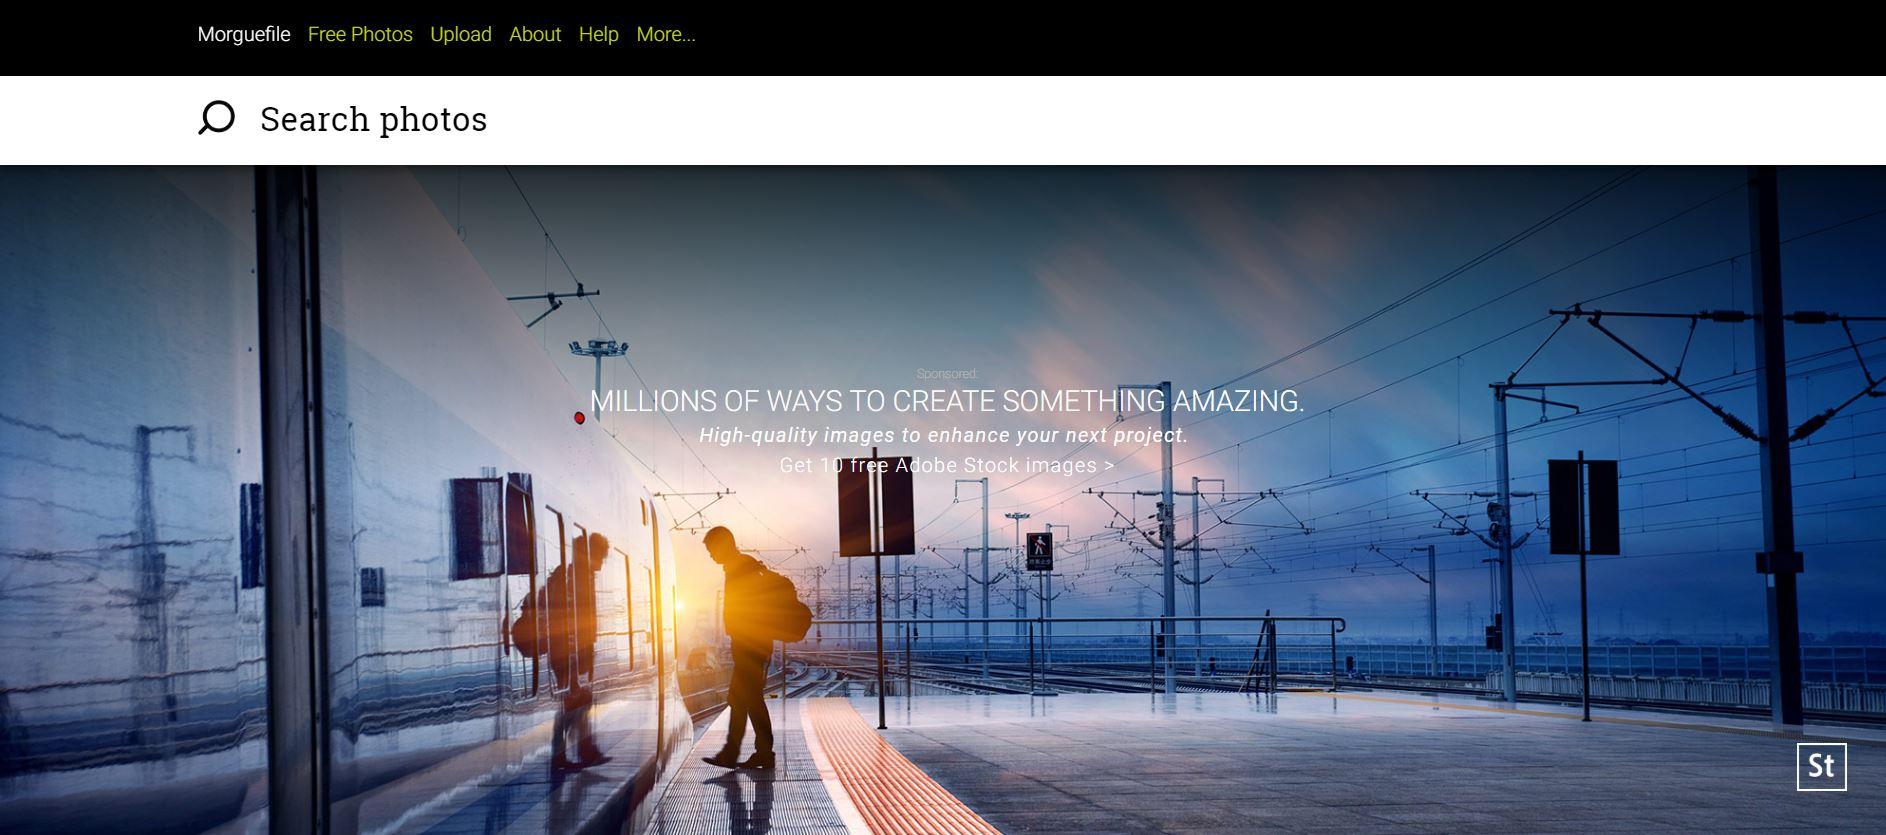 70 Bancos de Imagens Grátis Sites de Fotos Gratuitas 19